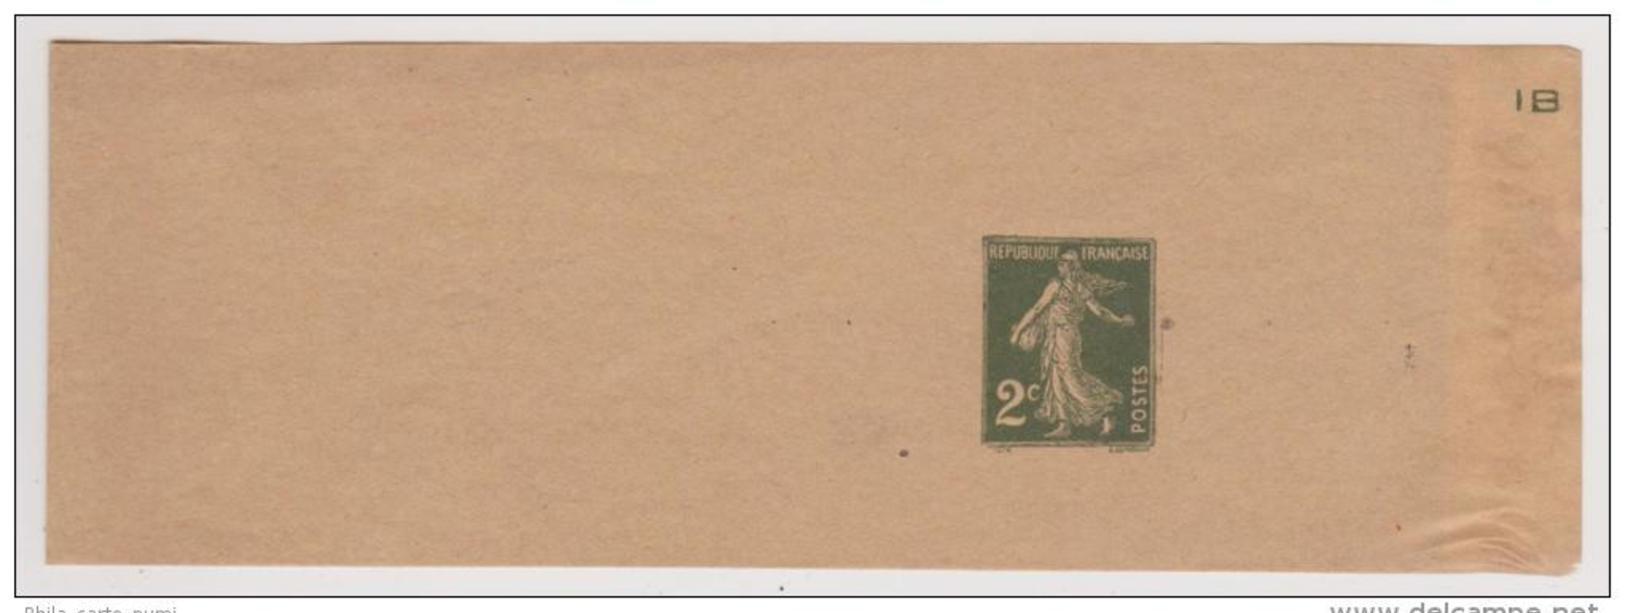 Bande Pour Journaux  2c Vert Olive De 1934 (Date 442 ) Avec Lettre De Controle IB - Postwaardestukken